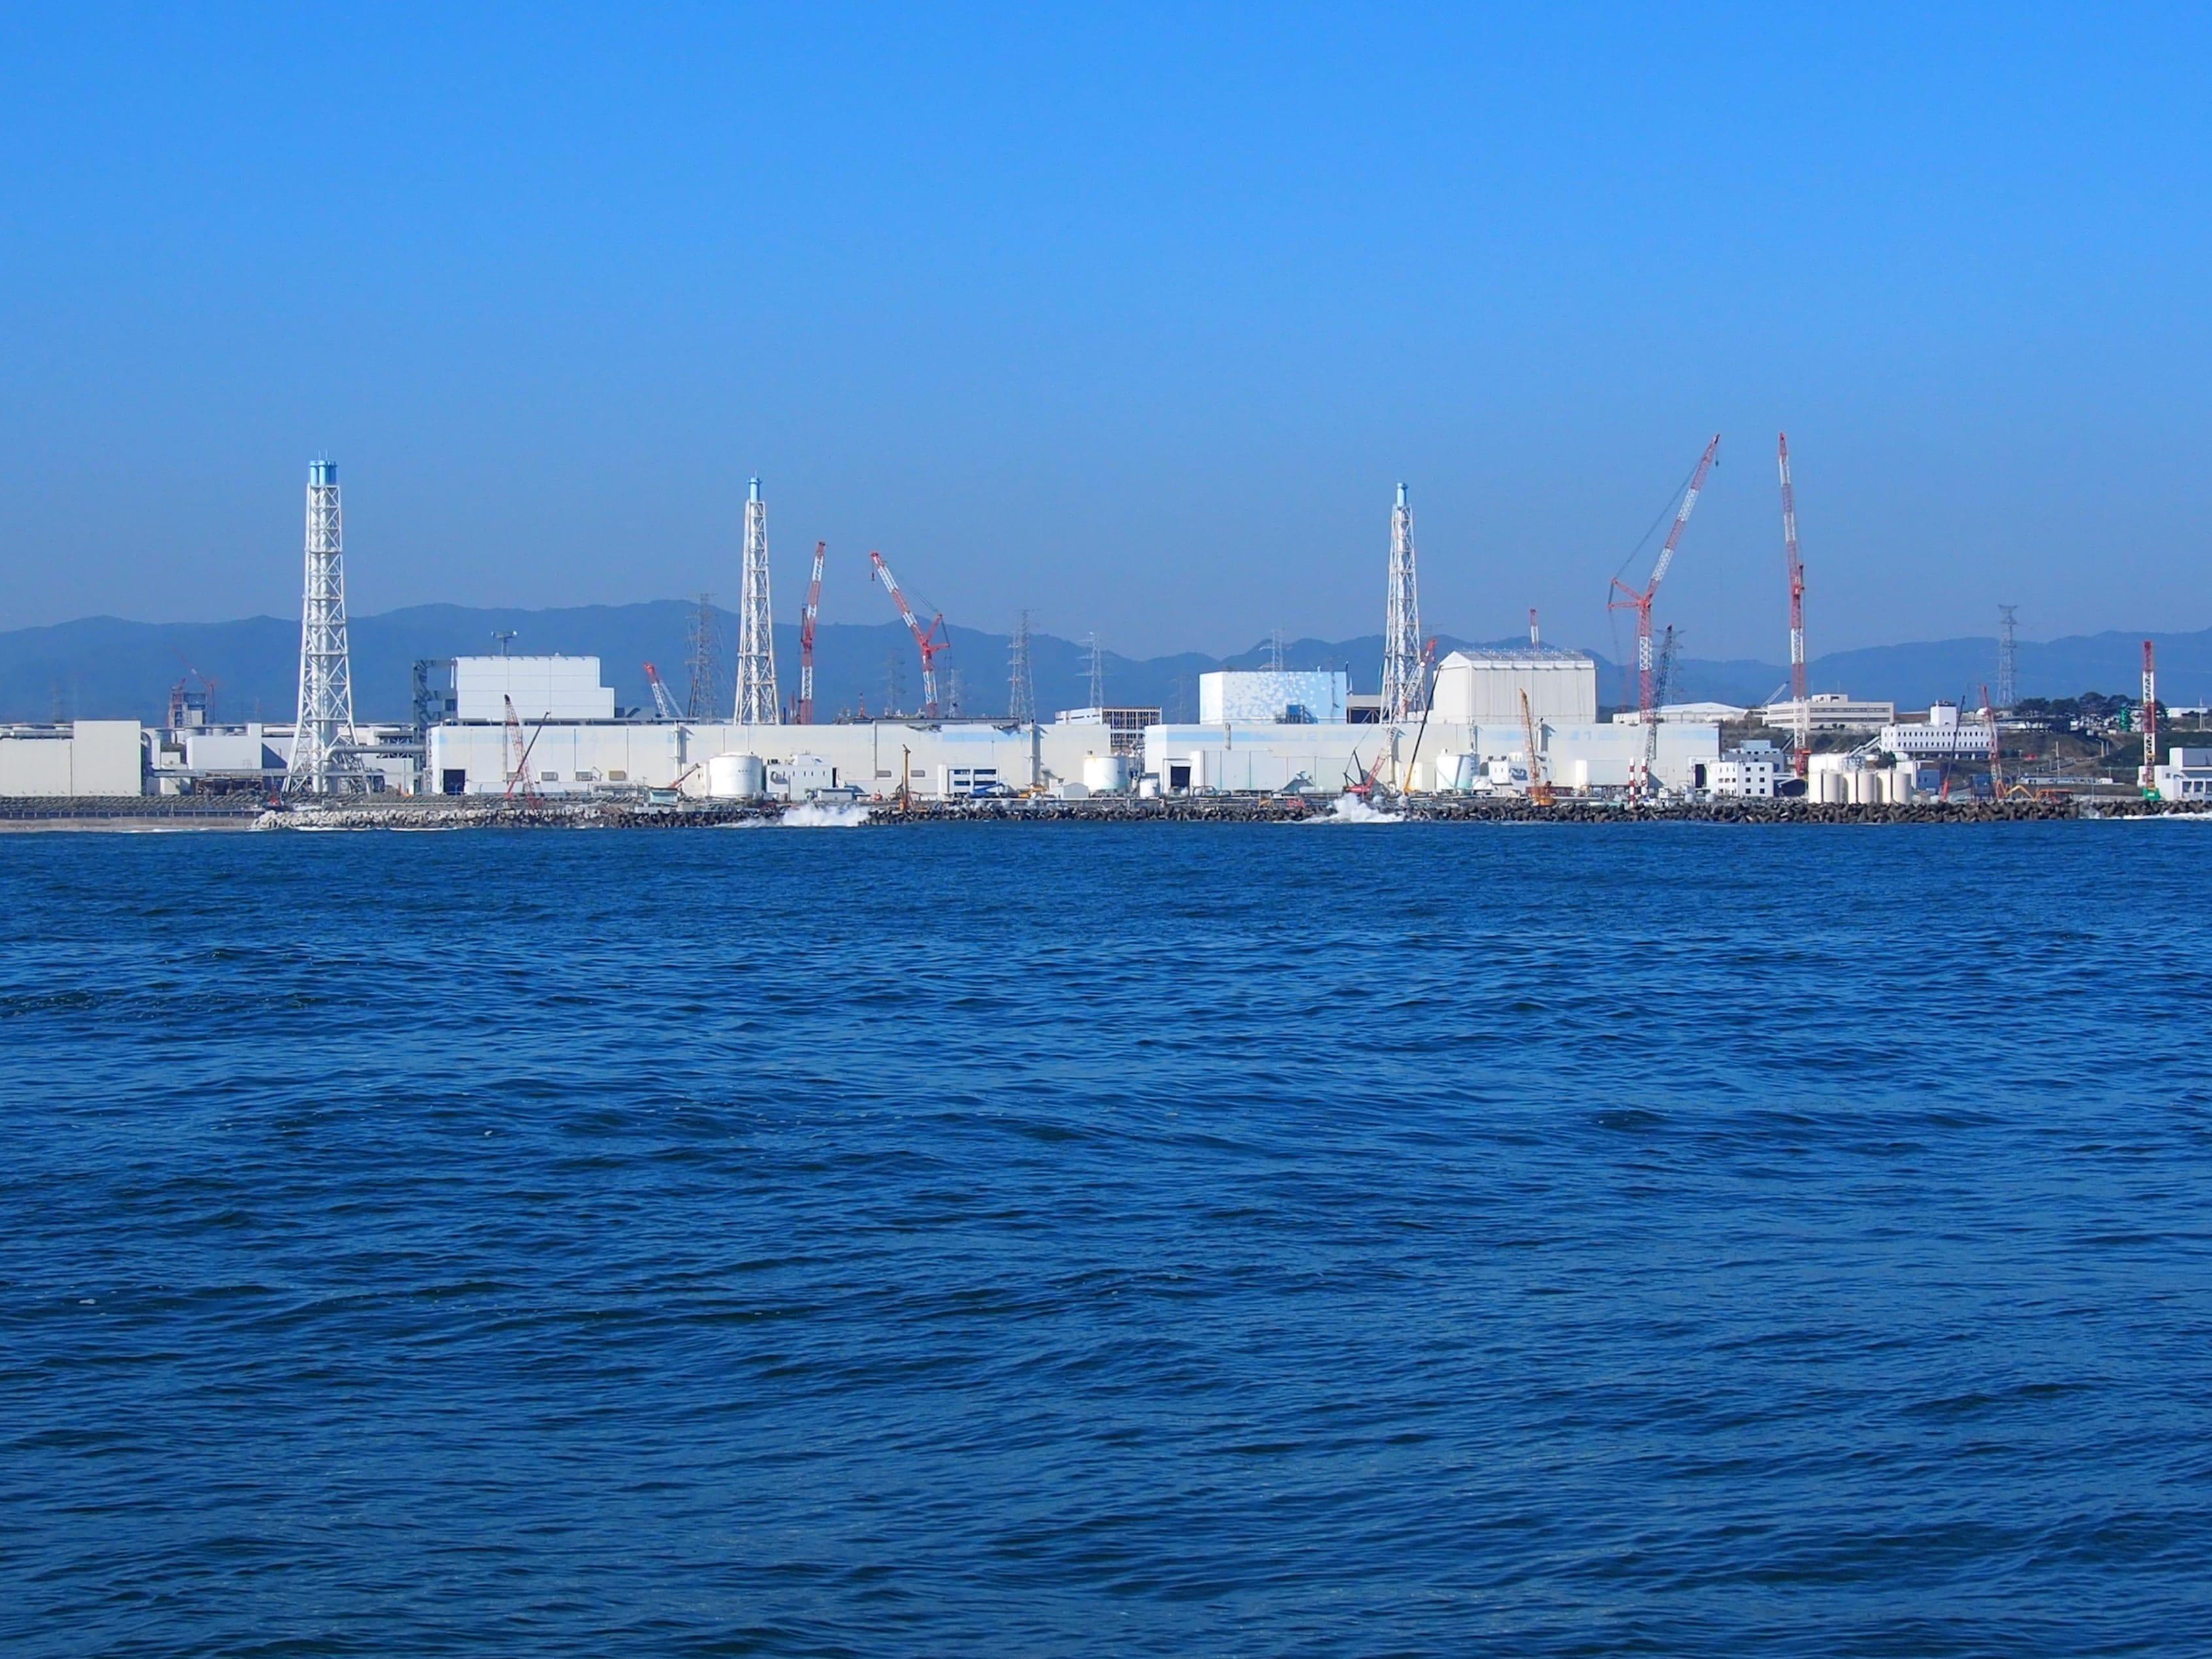 粛々と廃炉にむけての作業が続けられる福島第一原子力発電所。